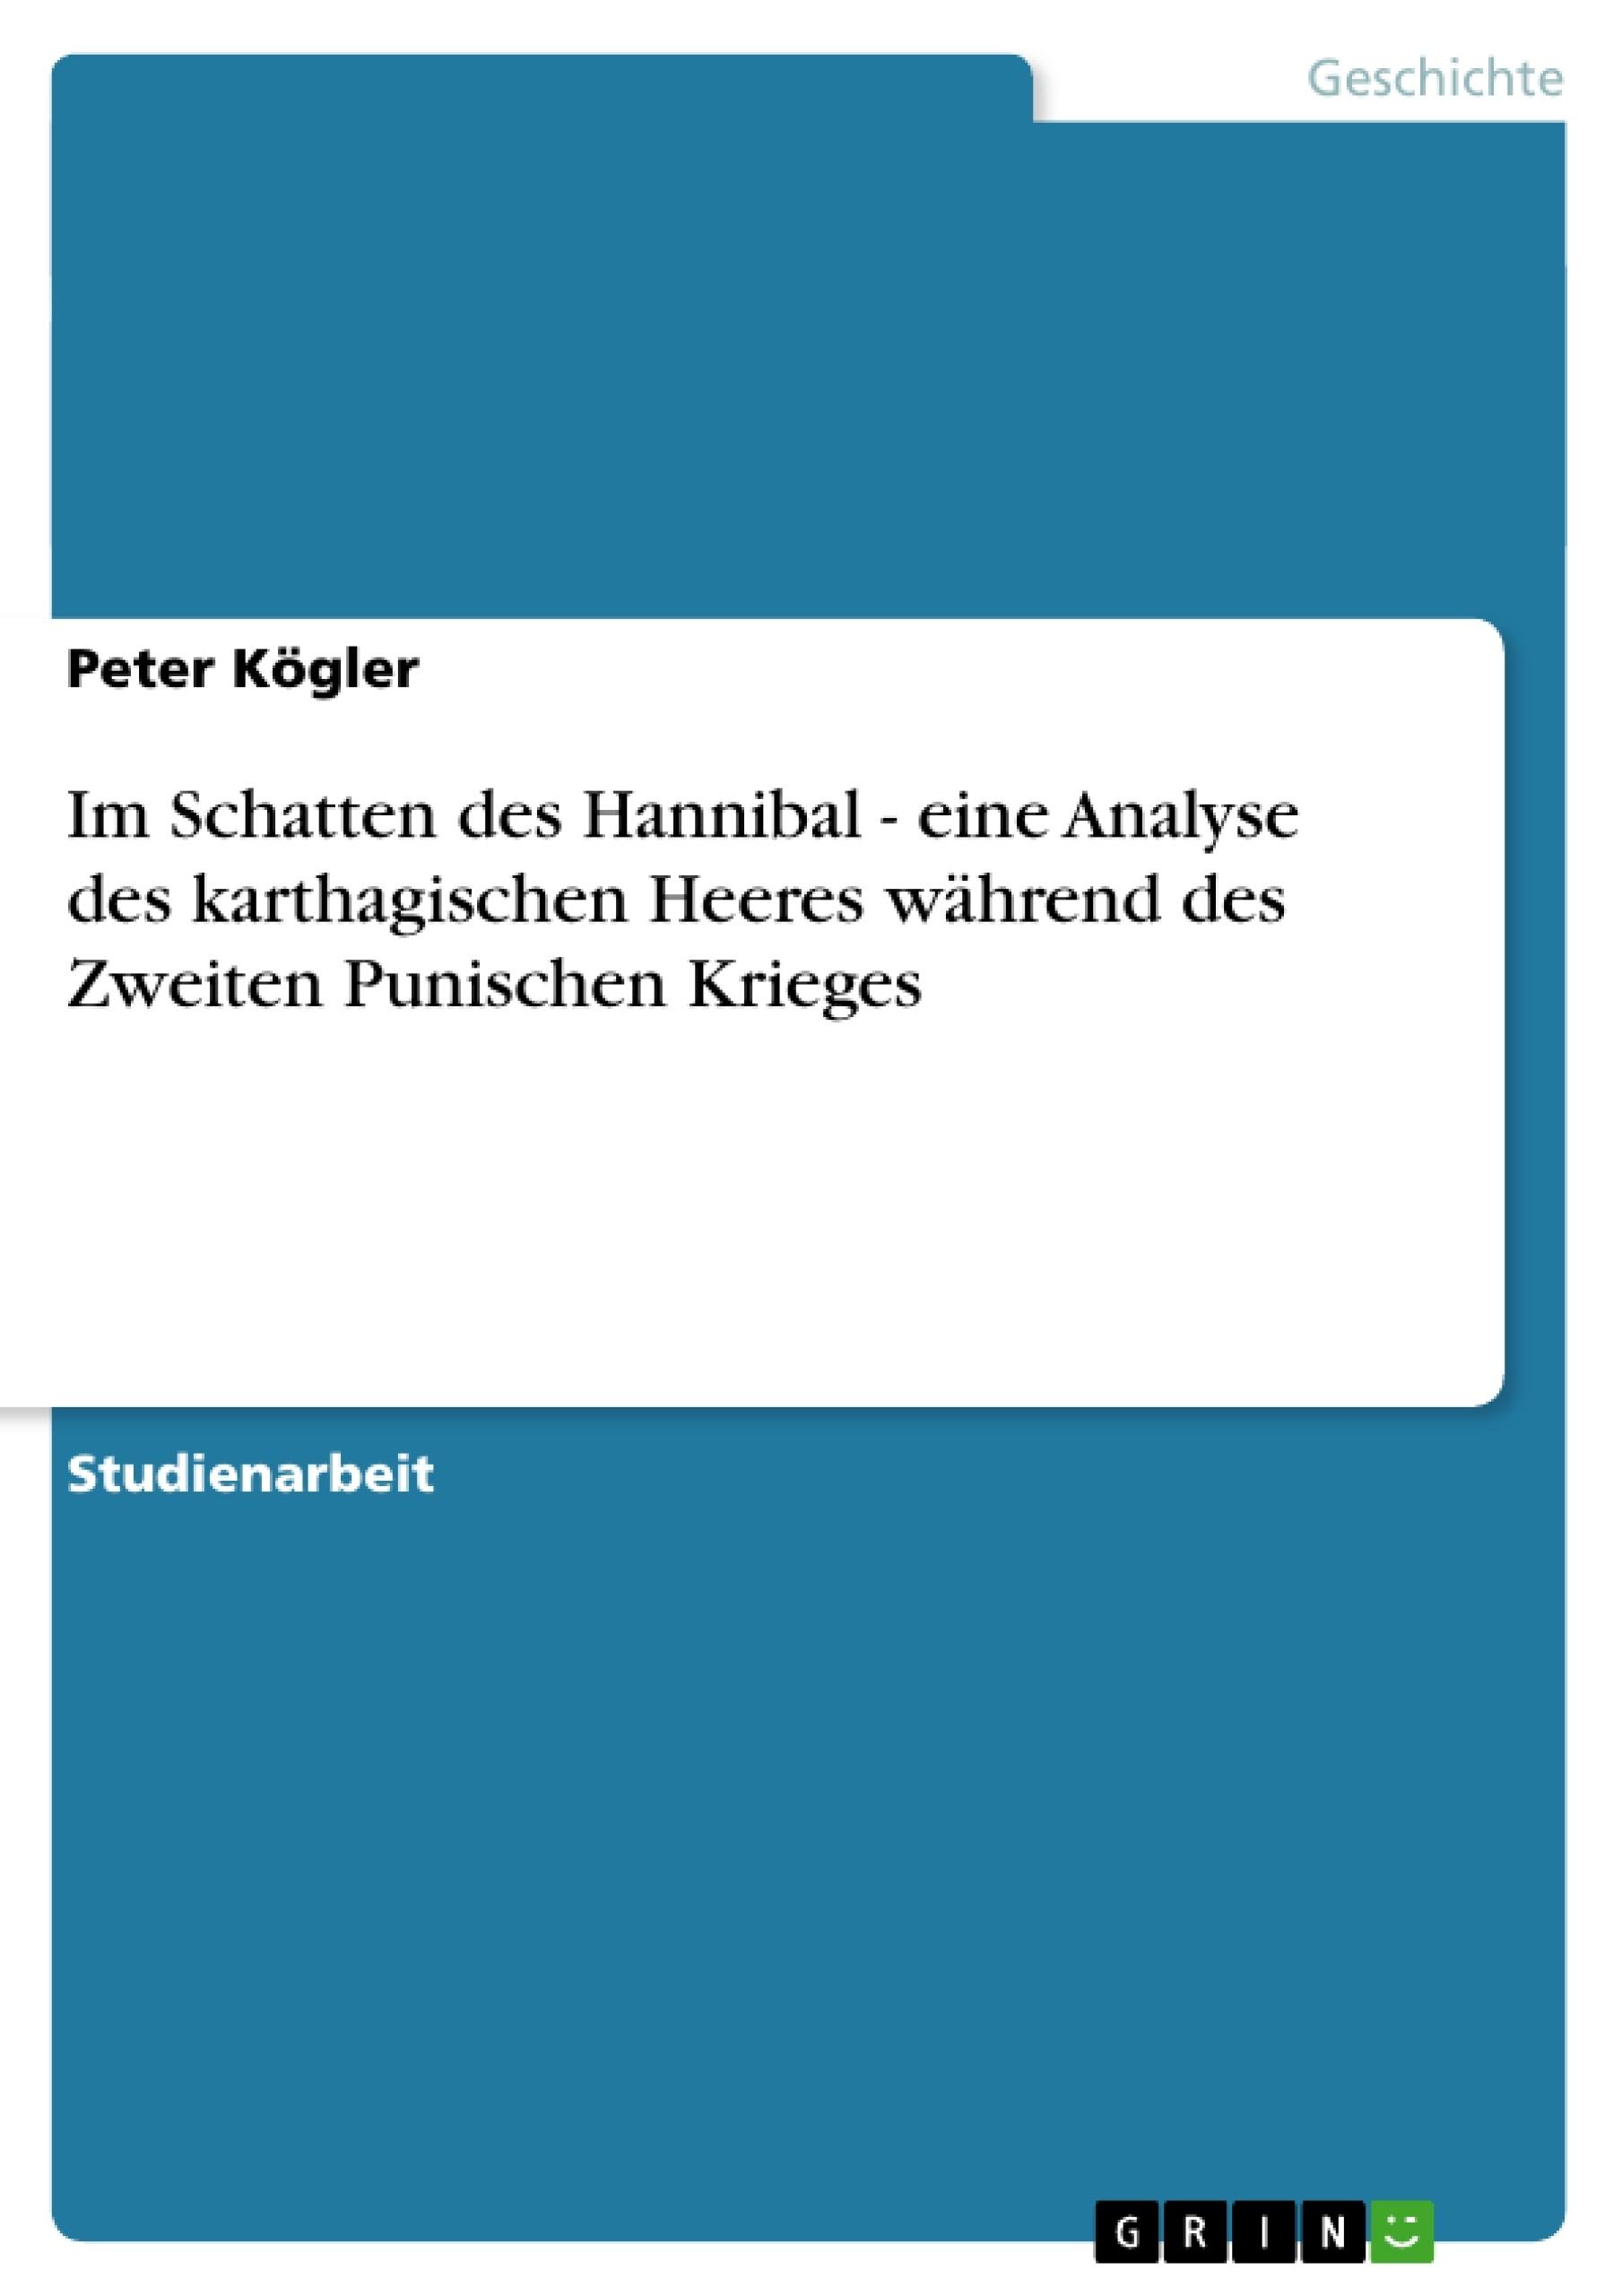 Titel: Im Schatten des Hannibal - eine Analyse des karthagischen Heeres während des Zweiten Punischen Krieges